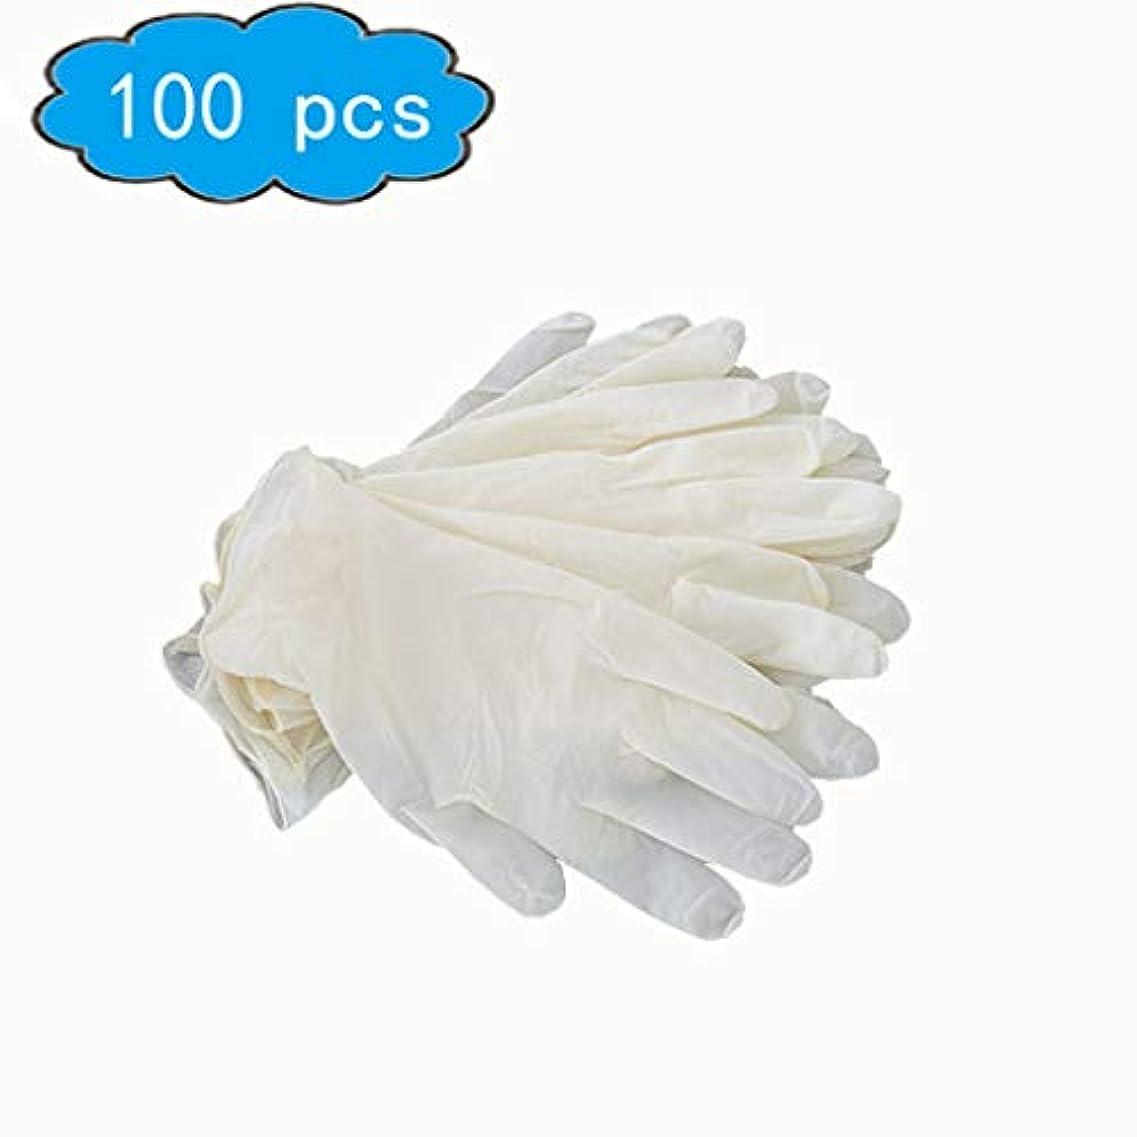 流いっぱいハードラテックスゴム手袋パウダーフリー/使い捨て食品調理用手袋/キッチンフードサービスクリーニンググローブサイズ中型、100個入り、応急処置用品 (Color : Beige, Size : L)